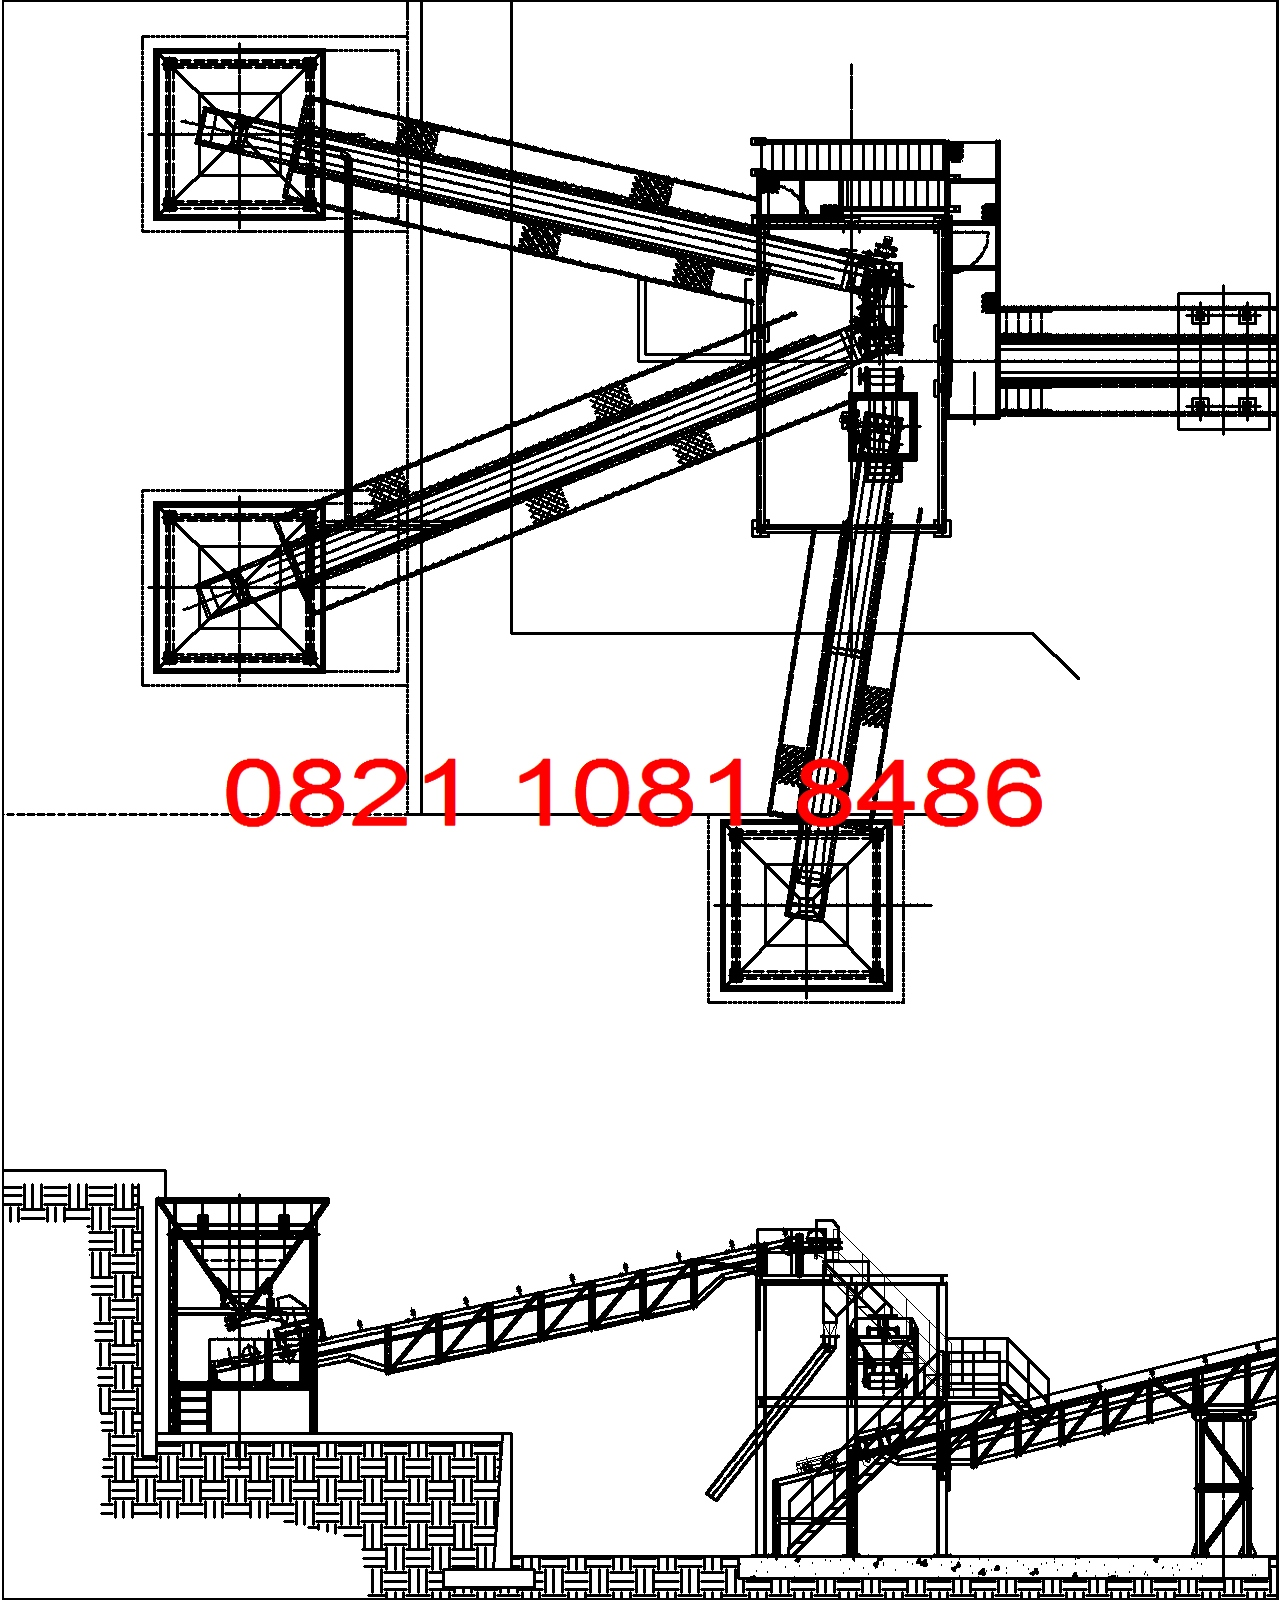 Unit Pemindah Material Conveying Conveyor Jual Stone